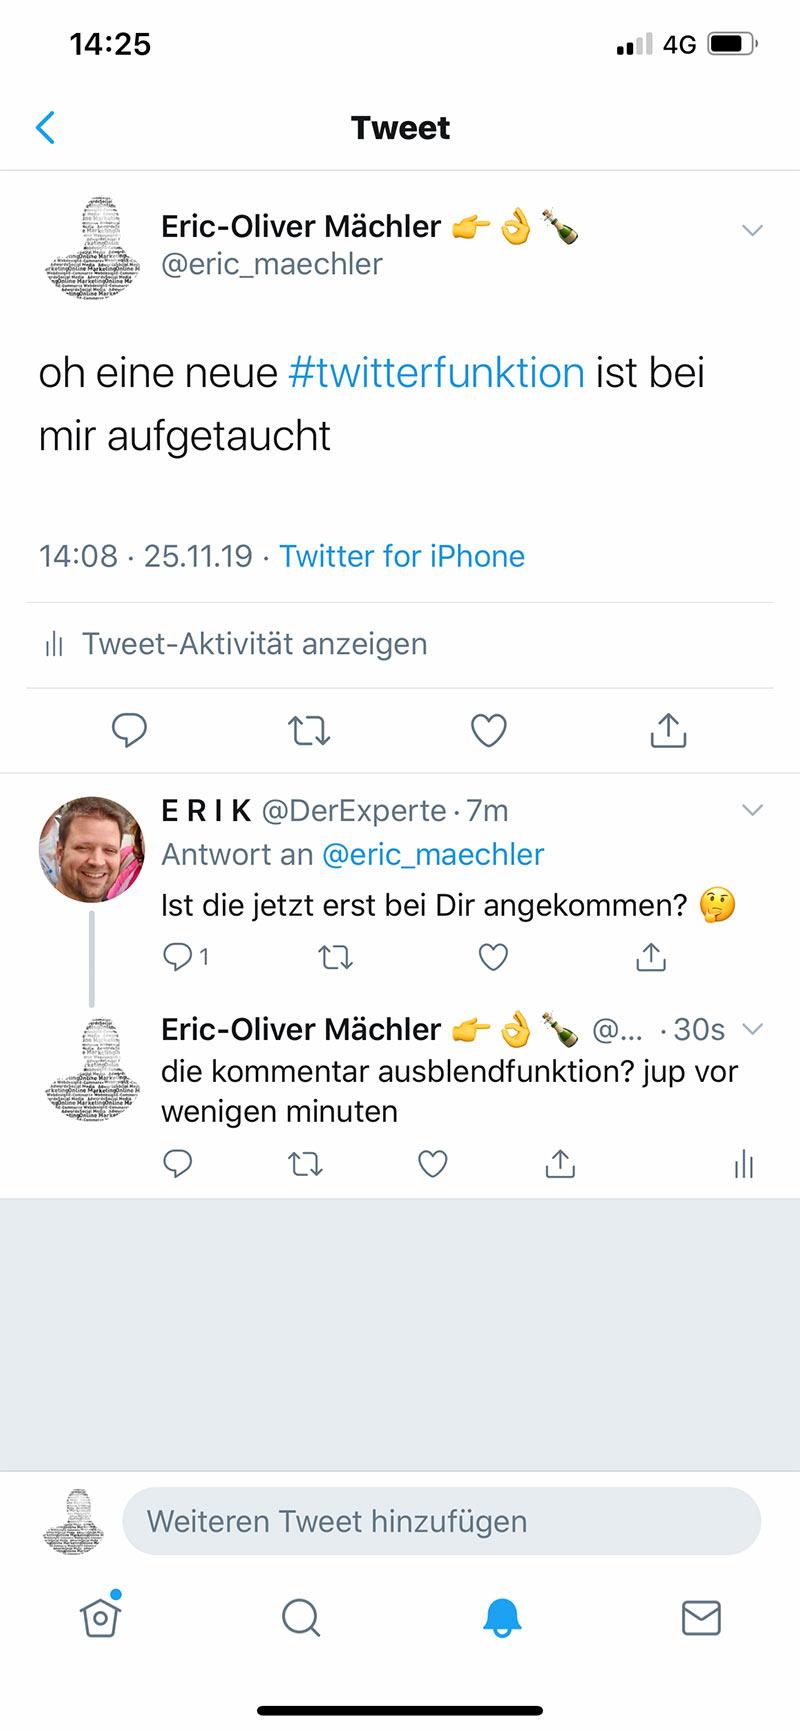 twitter funktion antwort ausblenden 1 - Twitter neue Funktion - Antwort ausblenden